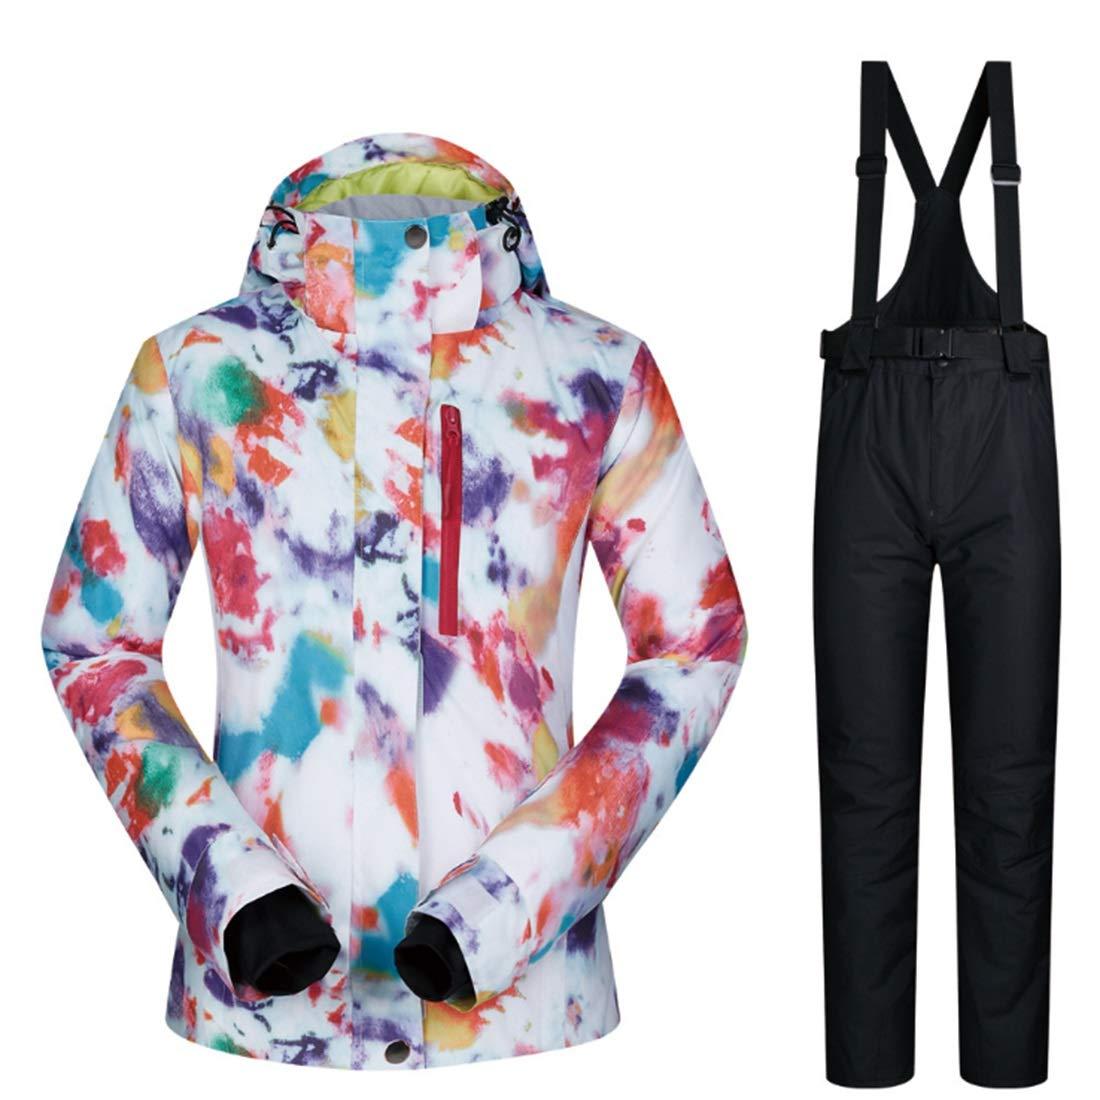 FELICIOO Snowsuit da Donna Winter Giacca da da da Sci e Pantaloni Set Antivento e Impermeabile (Coloree   08, Dimensione   S)B07KF7TX6WSmall 03 | Caratteristico  | Credibile Prestazioni  | Elevata Sicurezza  | Il colore è molto evidente  | Stili diversi  | 9addf5